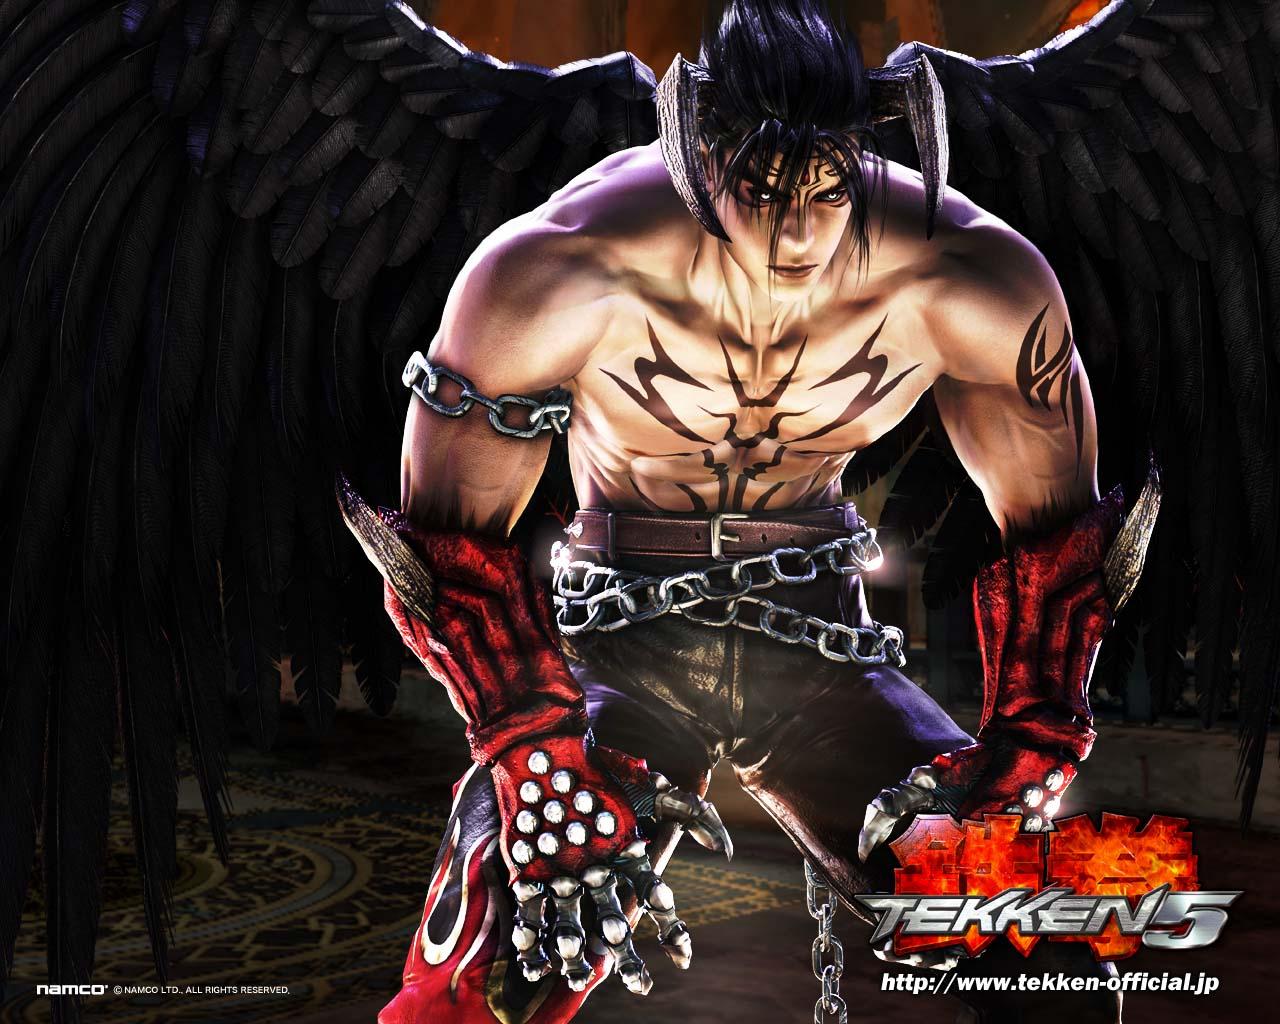 devil jin tekken 5 wallpaper devil jin wallpaper devil jinjpg 1280x1024